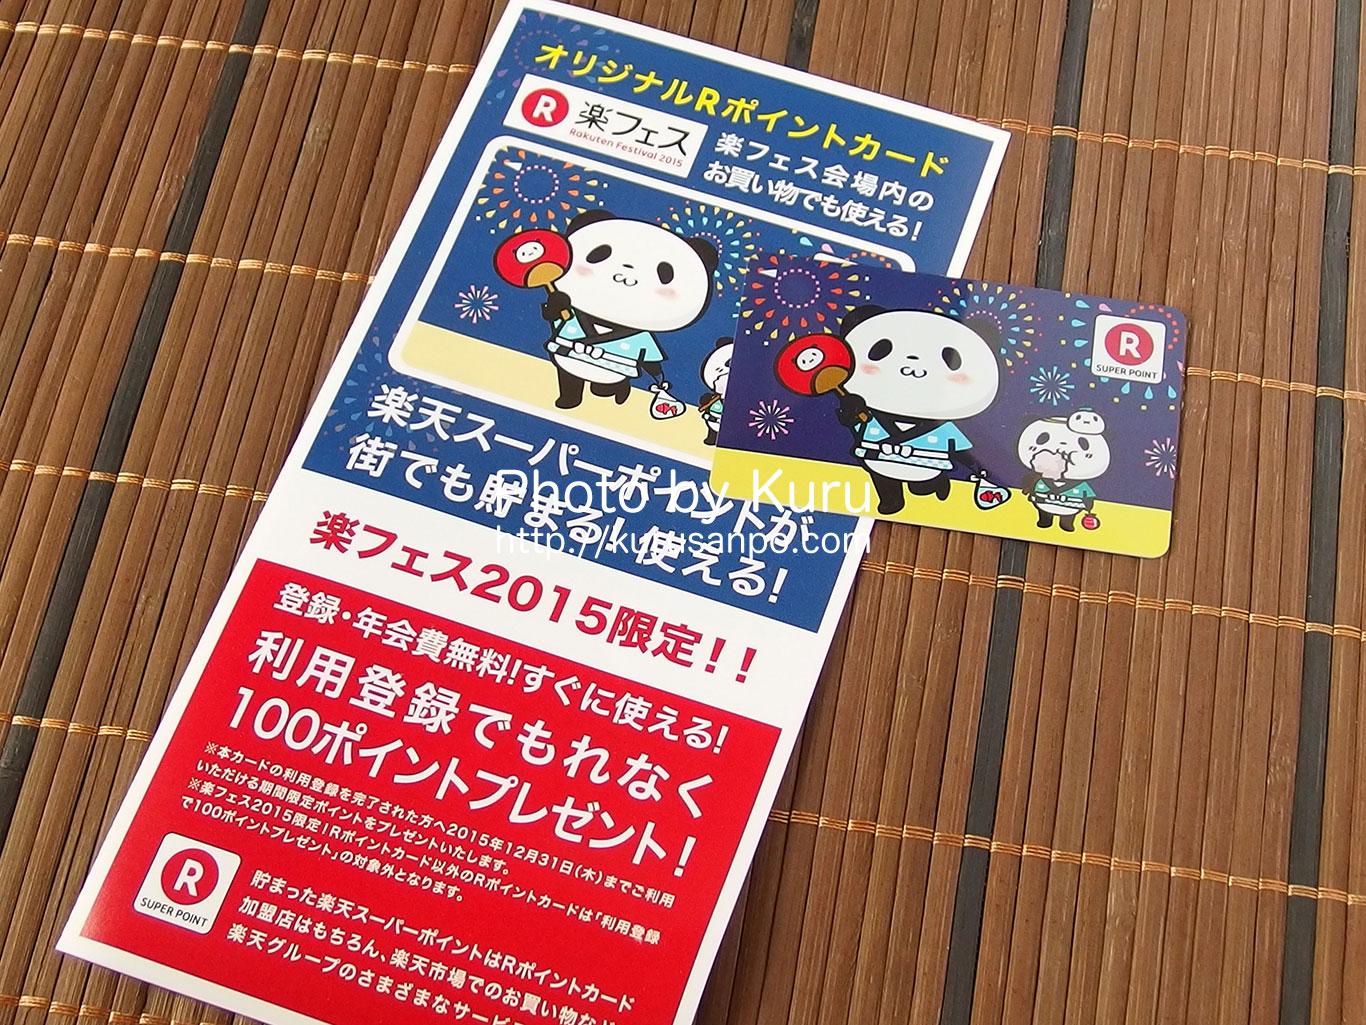 『楽天フェスティバル2015』で、お買い物パンダ楽天ポイントカードを貰ったよ!